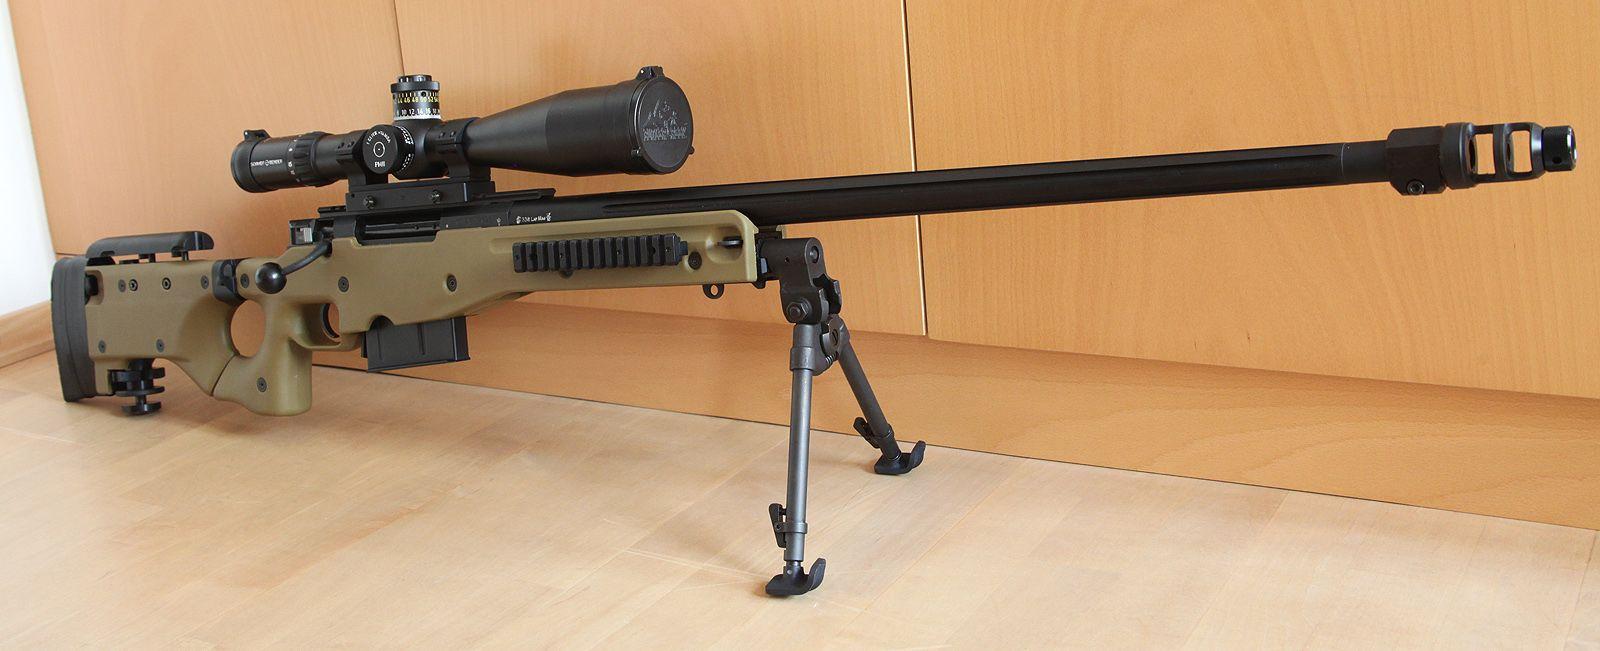 Los 8 disparos sniper m225s largos de la historia Guns  : 1a75317ea05702cffea275ea3c2fe631 from www.pinterest.com size 1600 x 651 jpeg 433kB